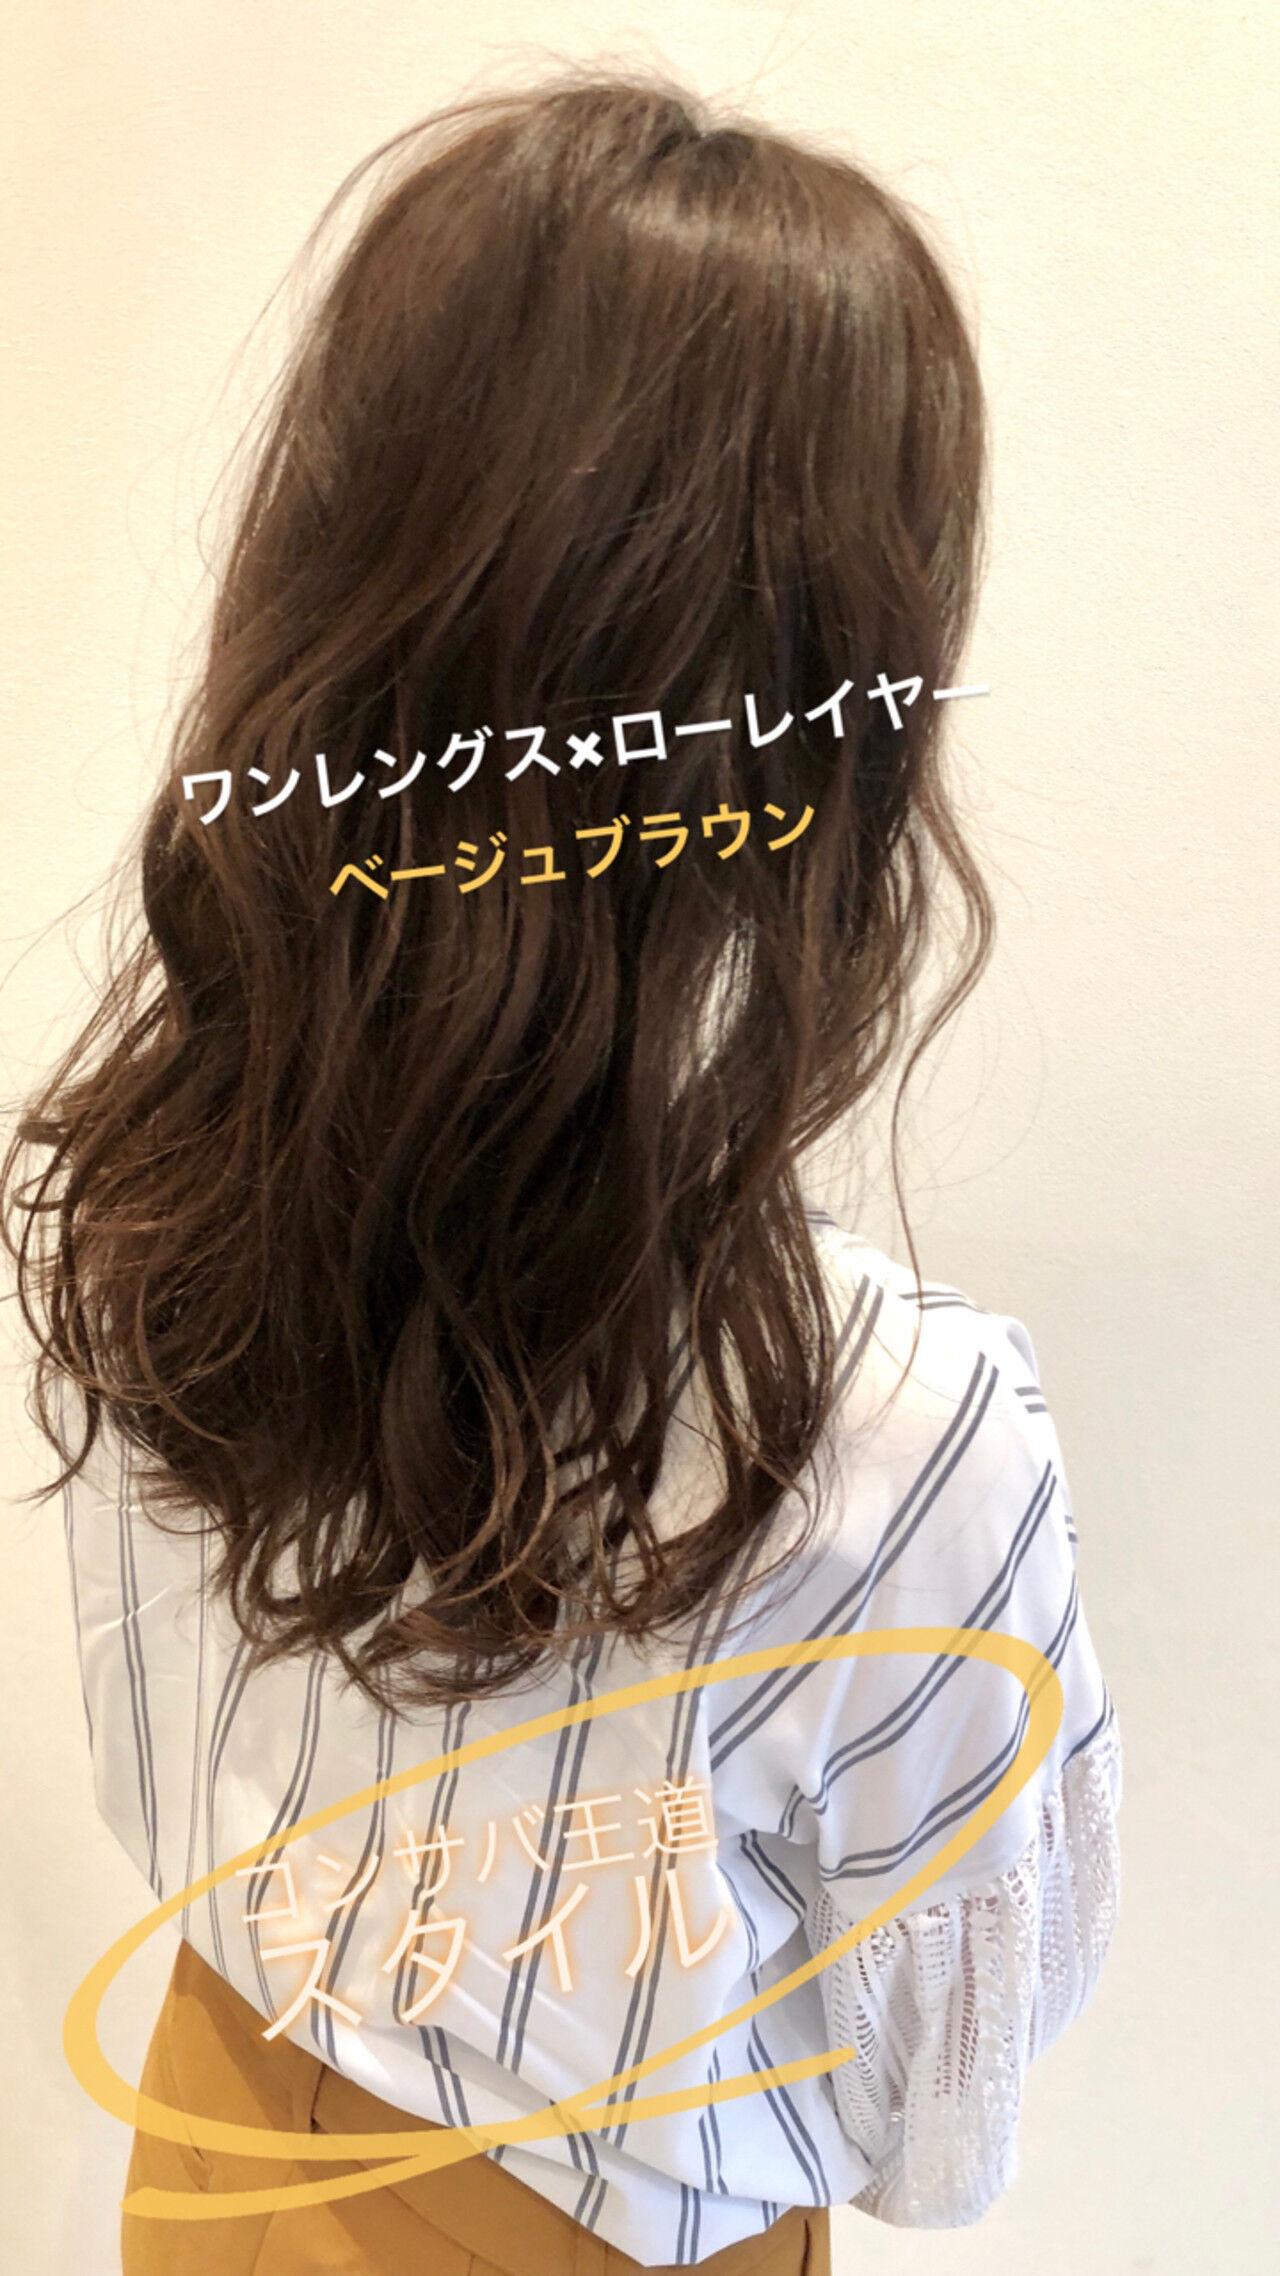 大人女子 愛され モテ髪 コンサバヘアスタイルや髪型の写真・画像